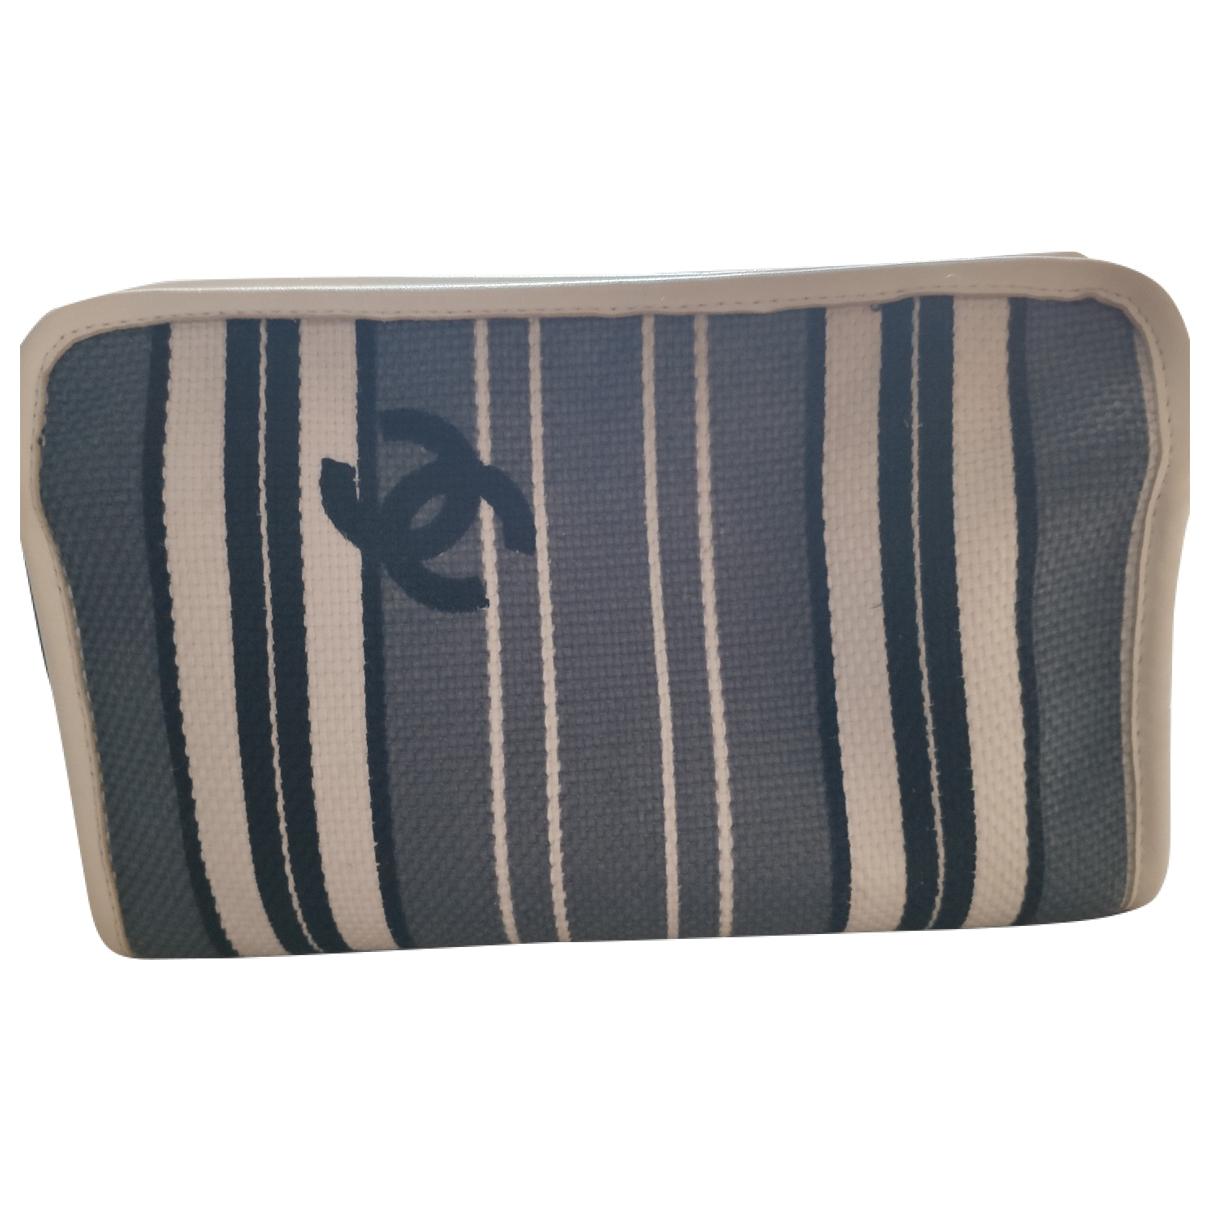 Chanel - Sac de voyage   pour femme en laine - gris